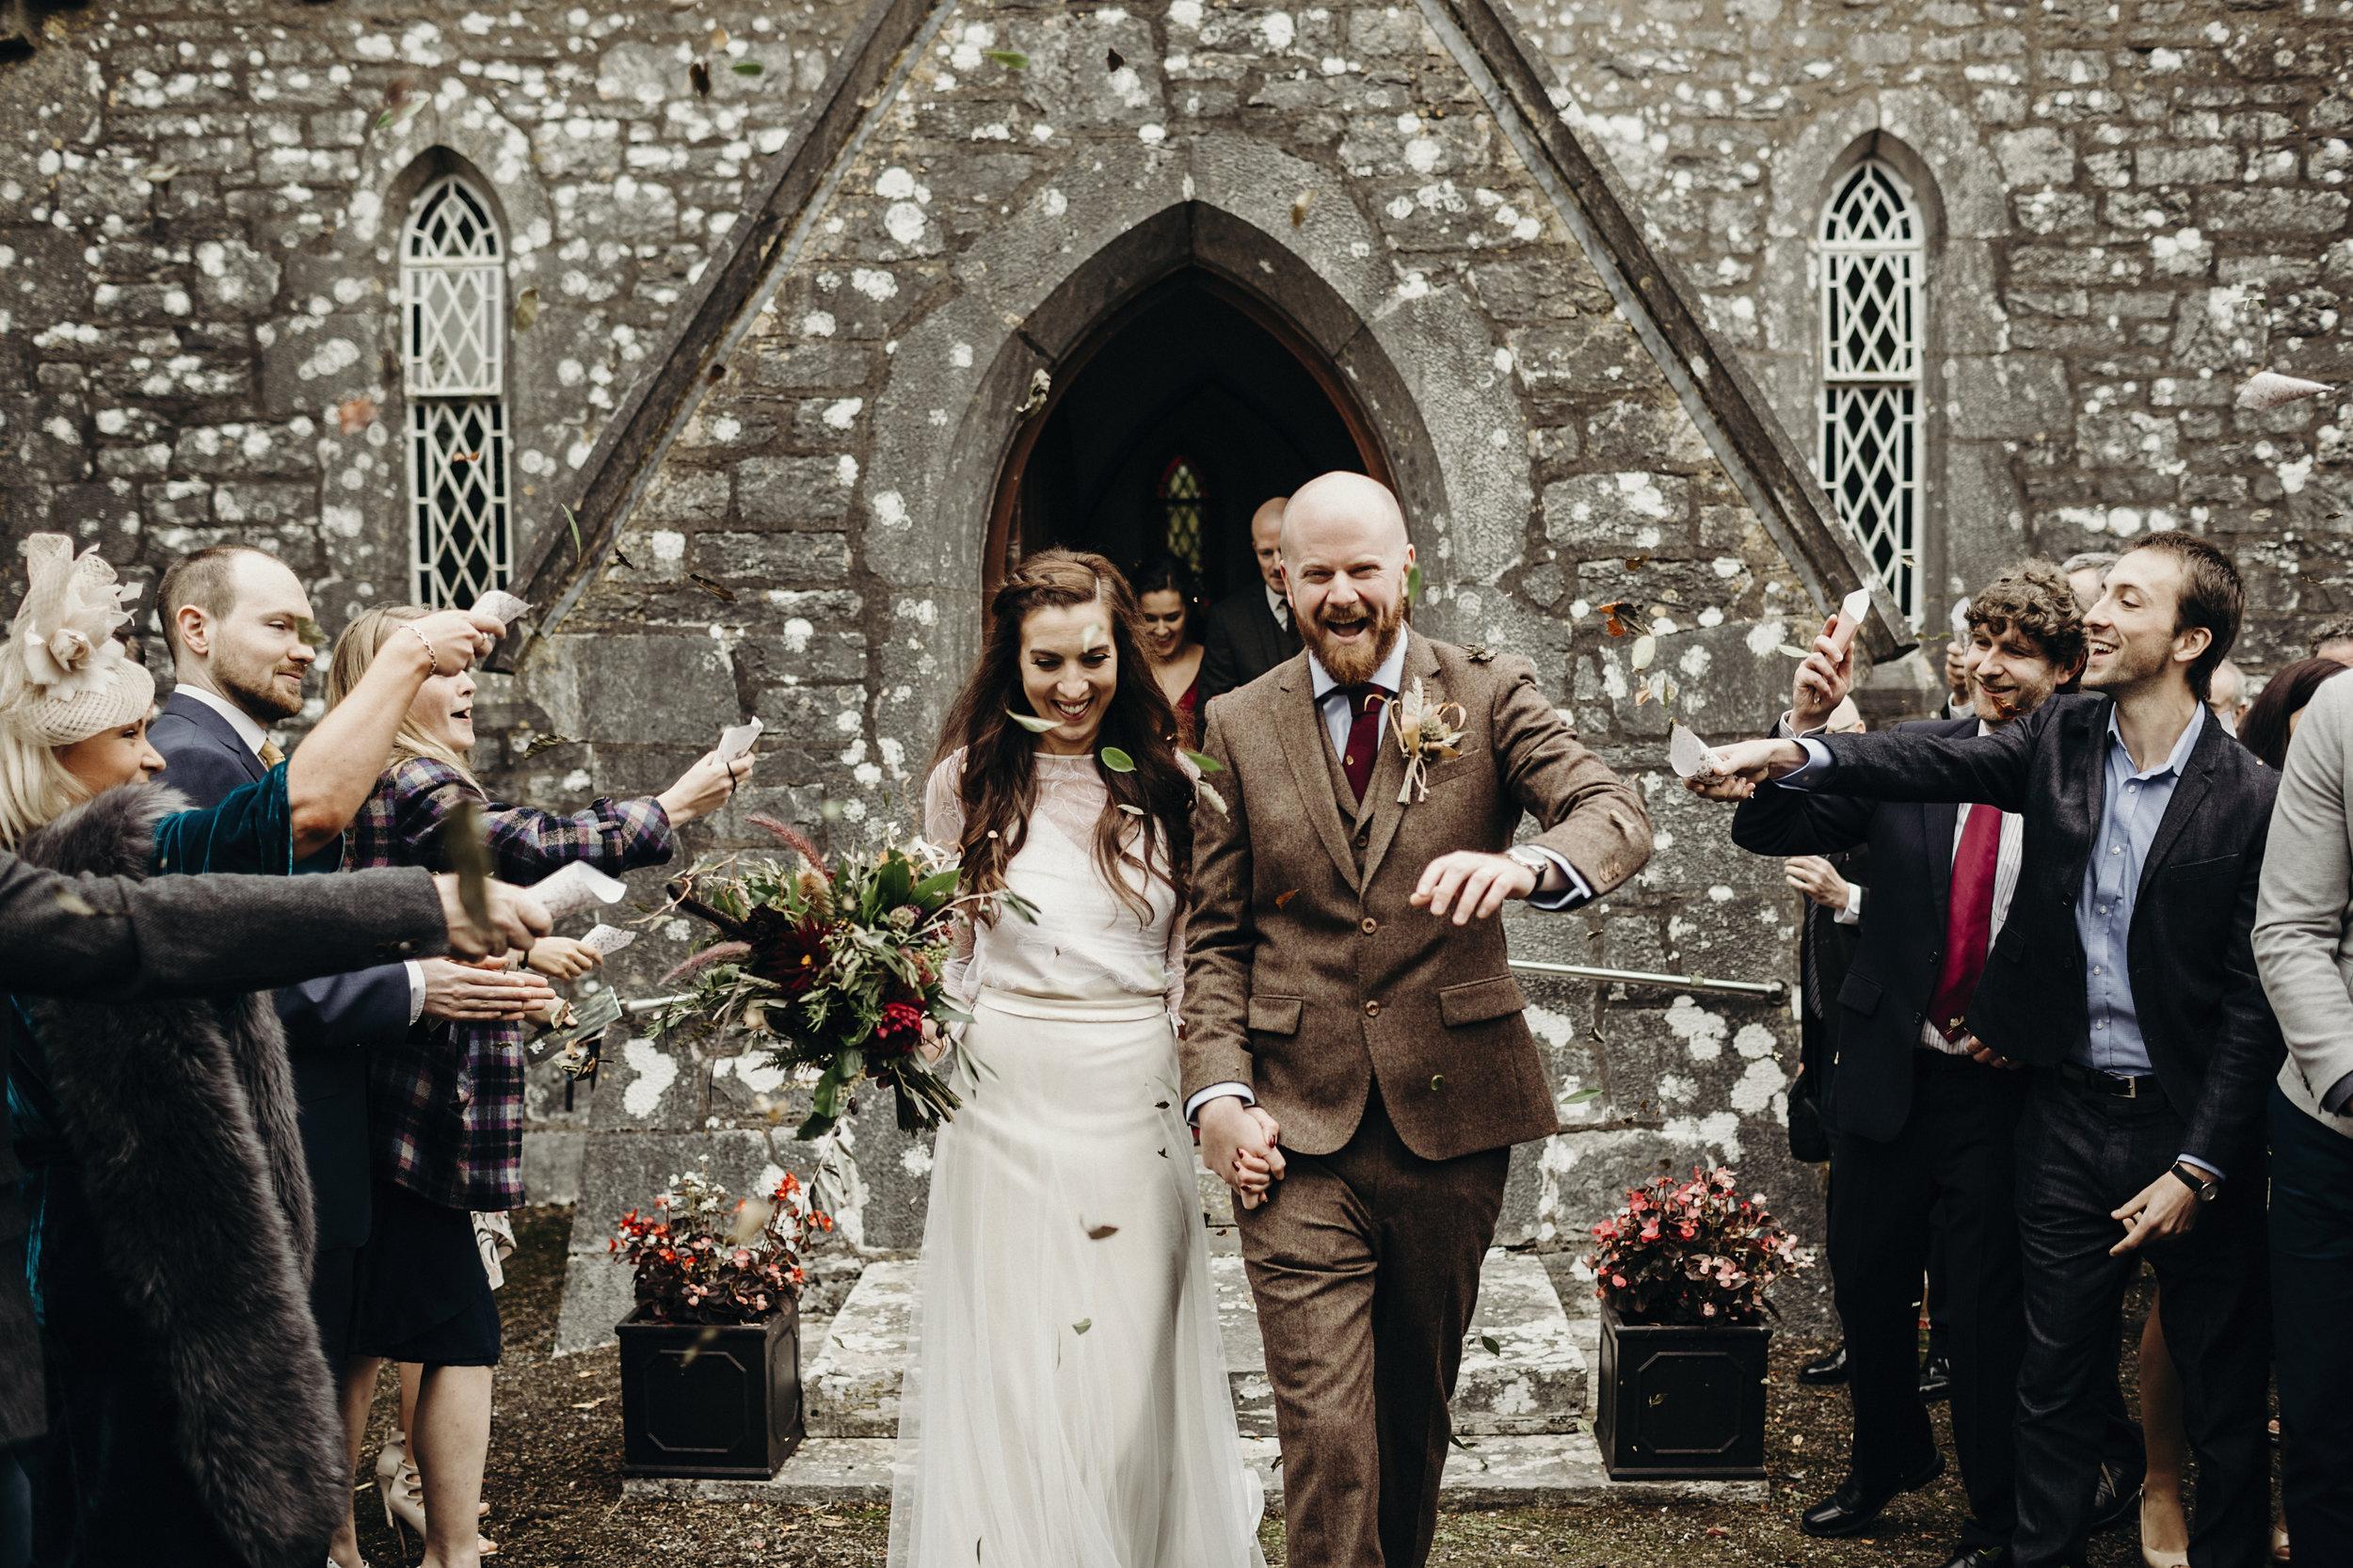 wedding photographer dublin Graciela Vilagudin Photography 731.jpg